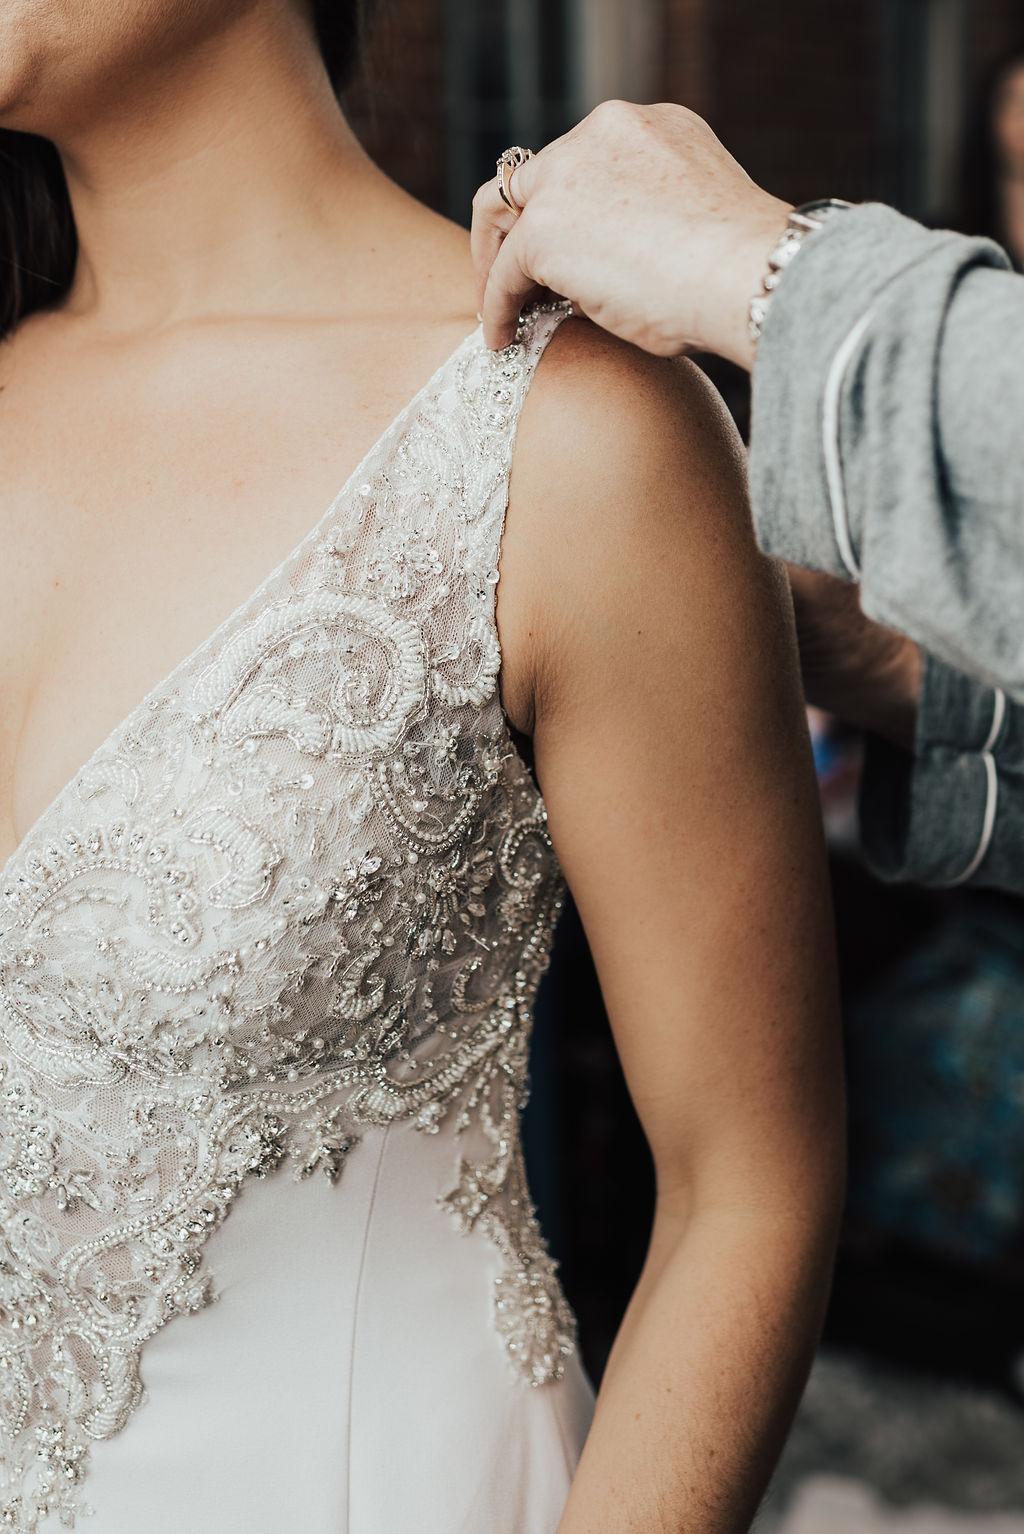 Wedidng Gown Details.jpg